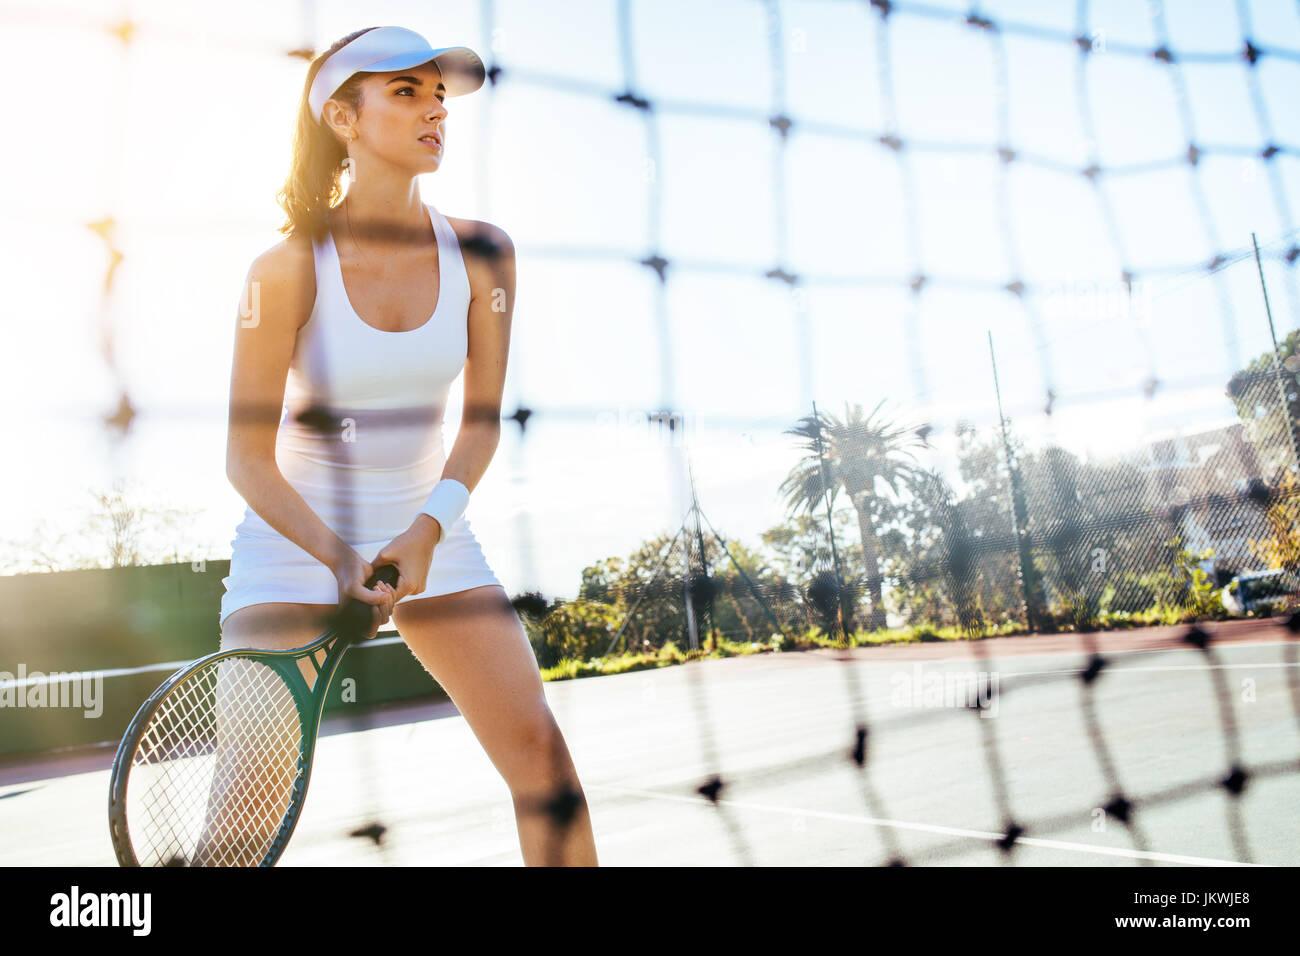 Retrato de una hermosa joven jugador de tenis con la raqueta en la cancha. Sportswoman jugando un partido de tenis. Imagen De Stock